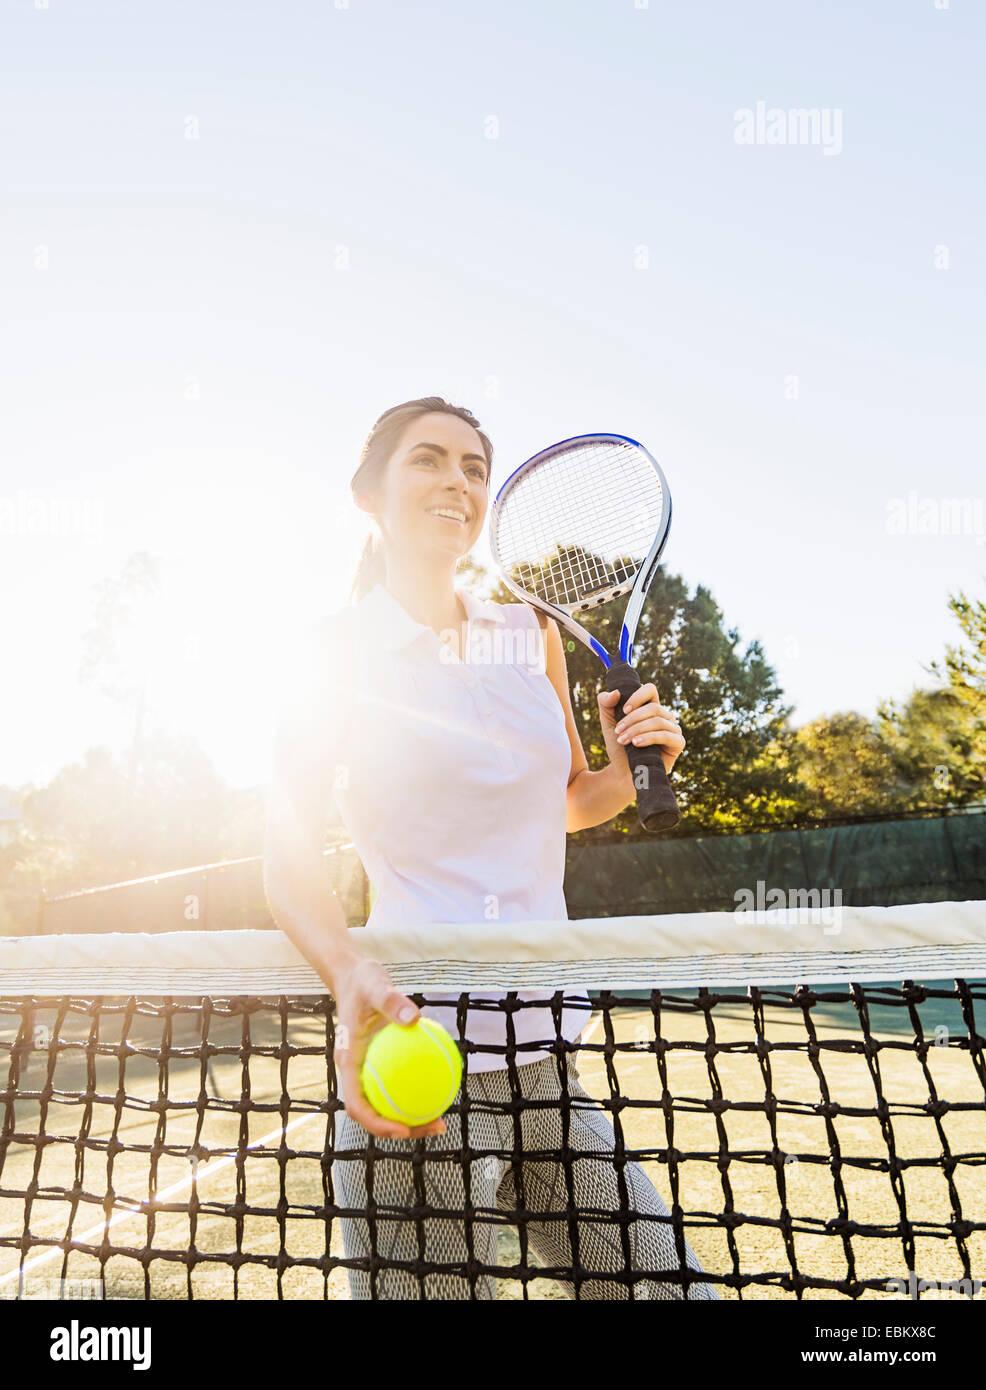 Ee.Uu., Florida, Júpiter, Retrato de mujer joven de pie por net, sosteniendo pelota de tenis y raqueta de tenis Imagen De Stock